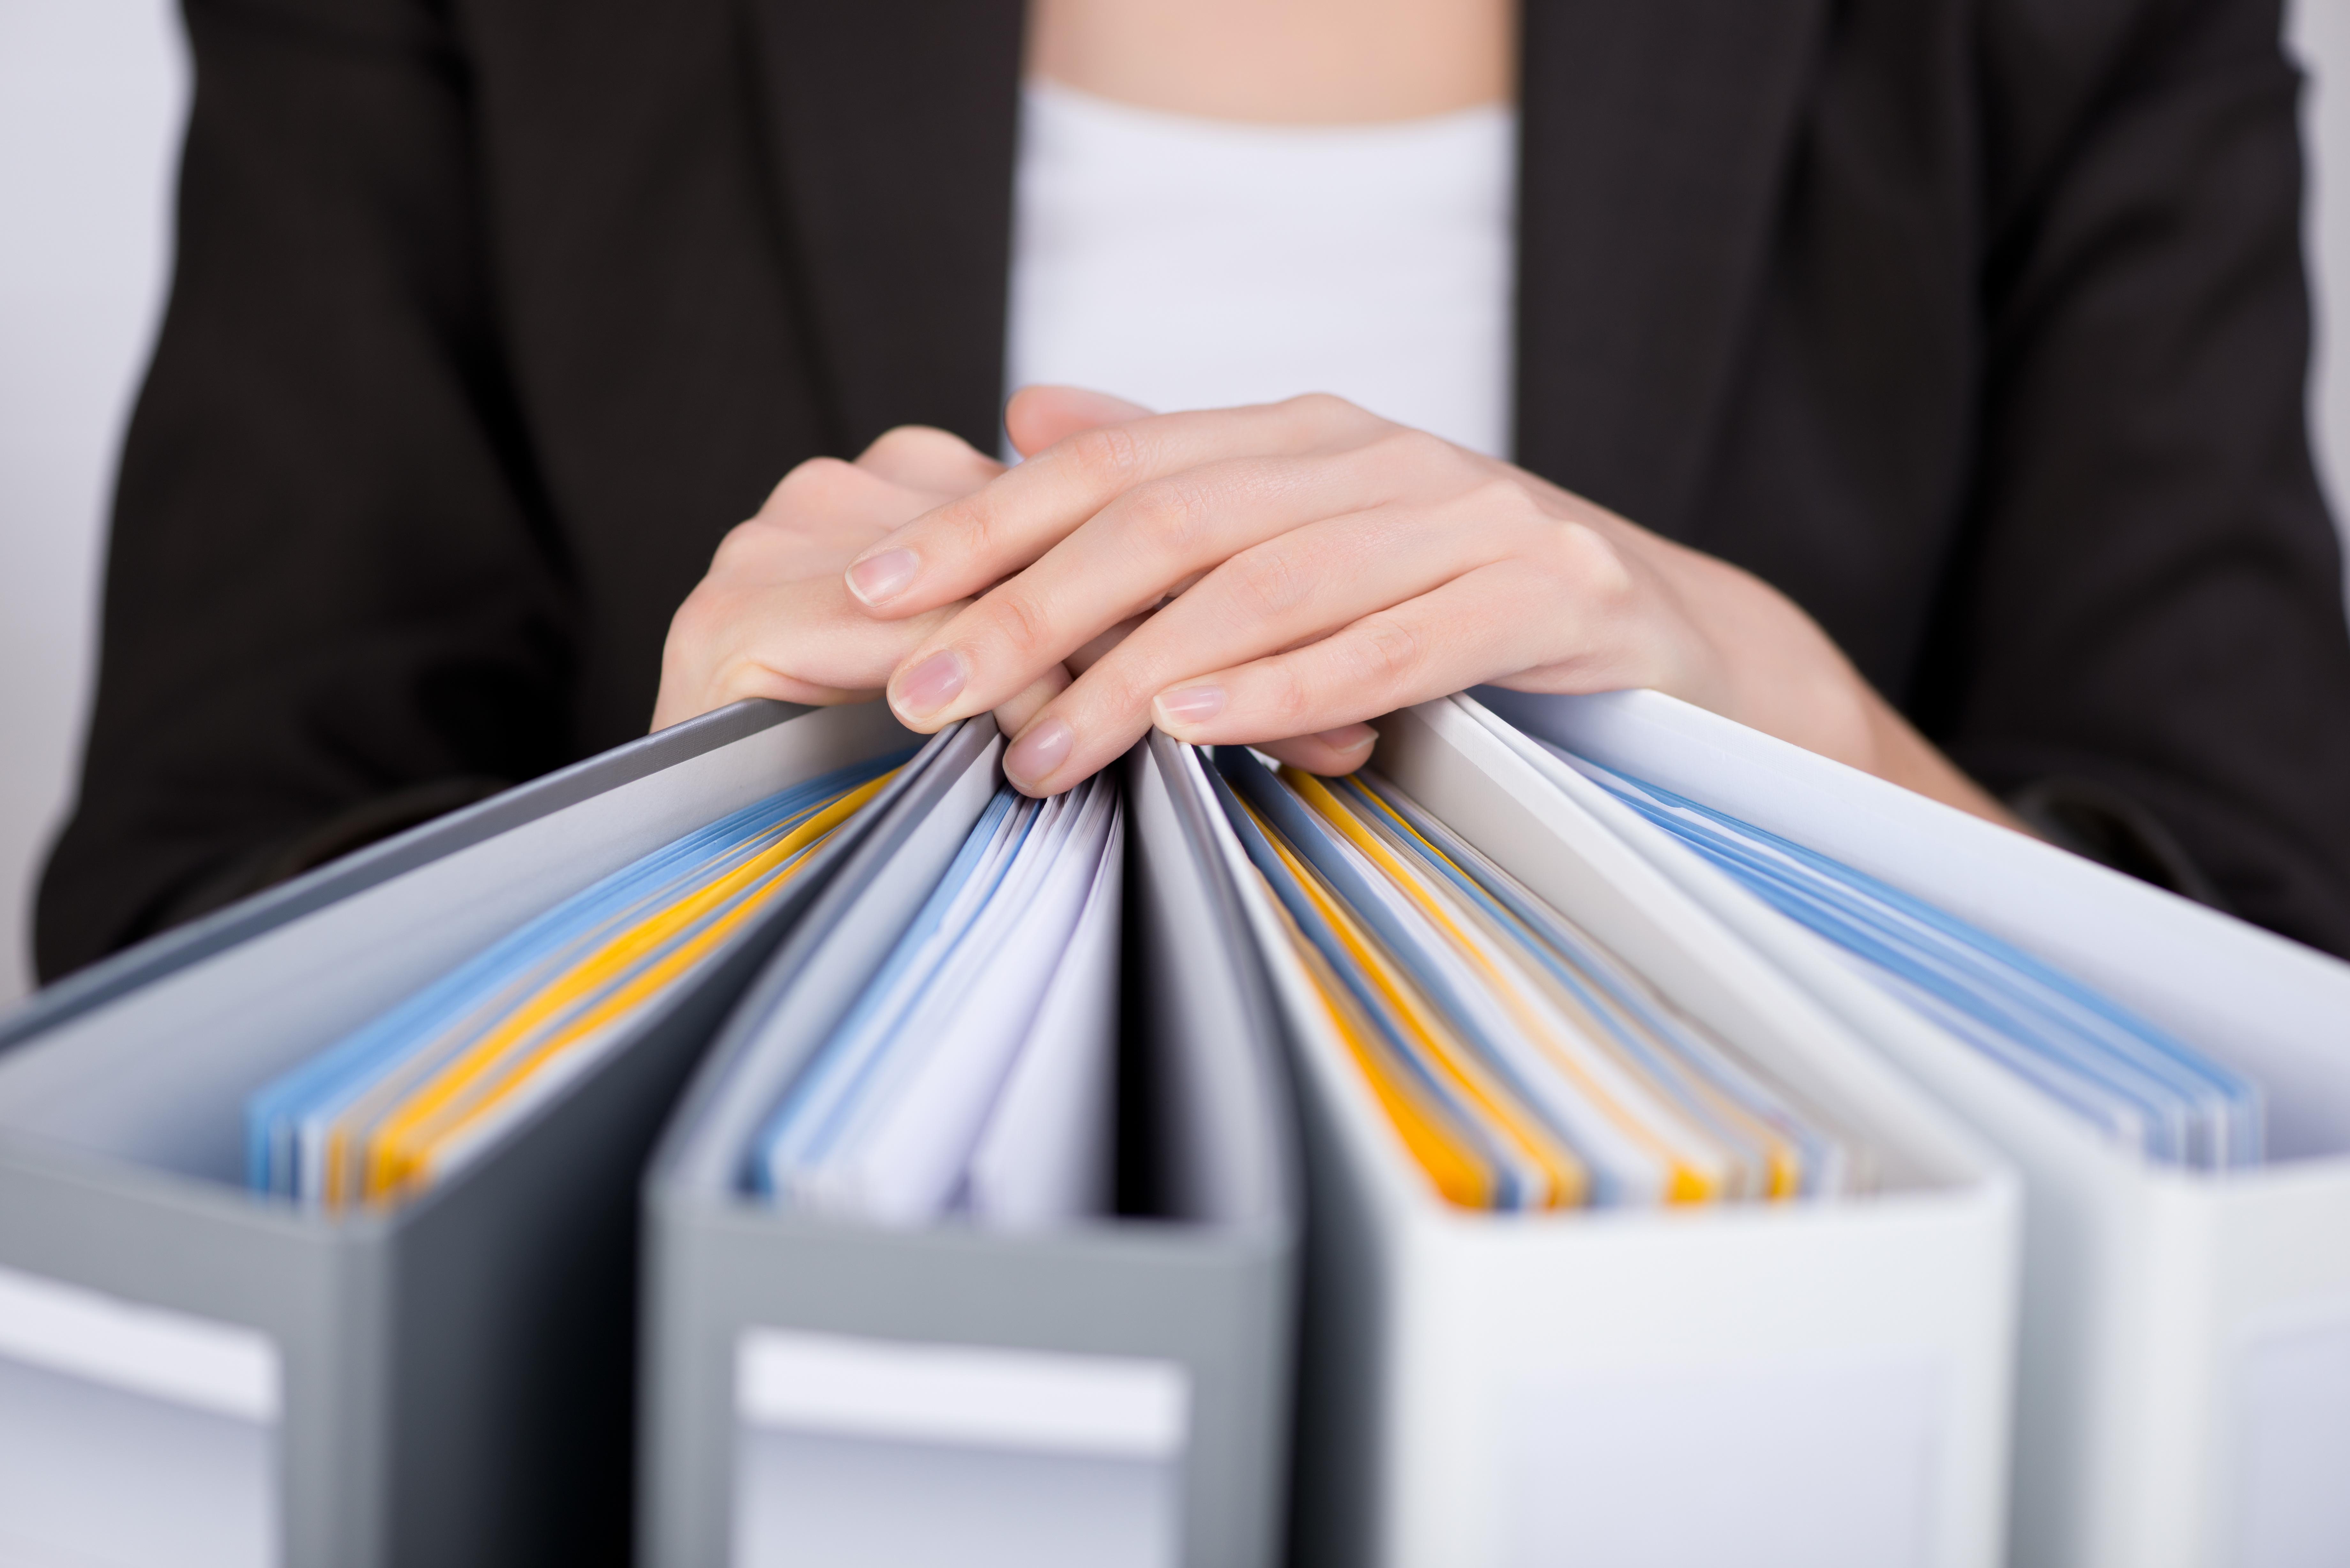 Documentele solicitate de inspectorii ITM la un eventual control